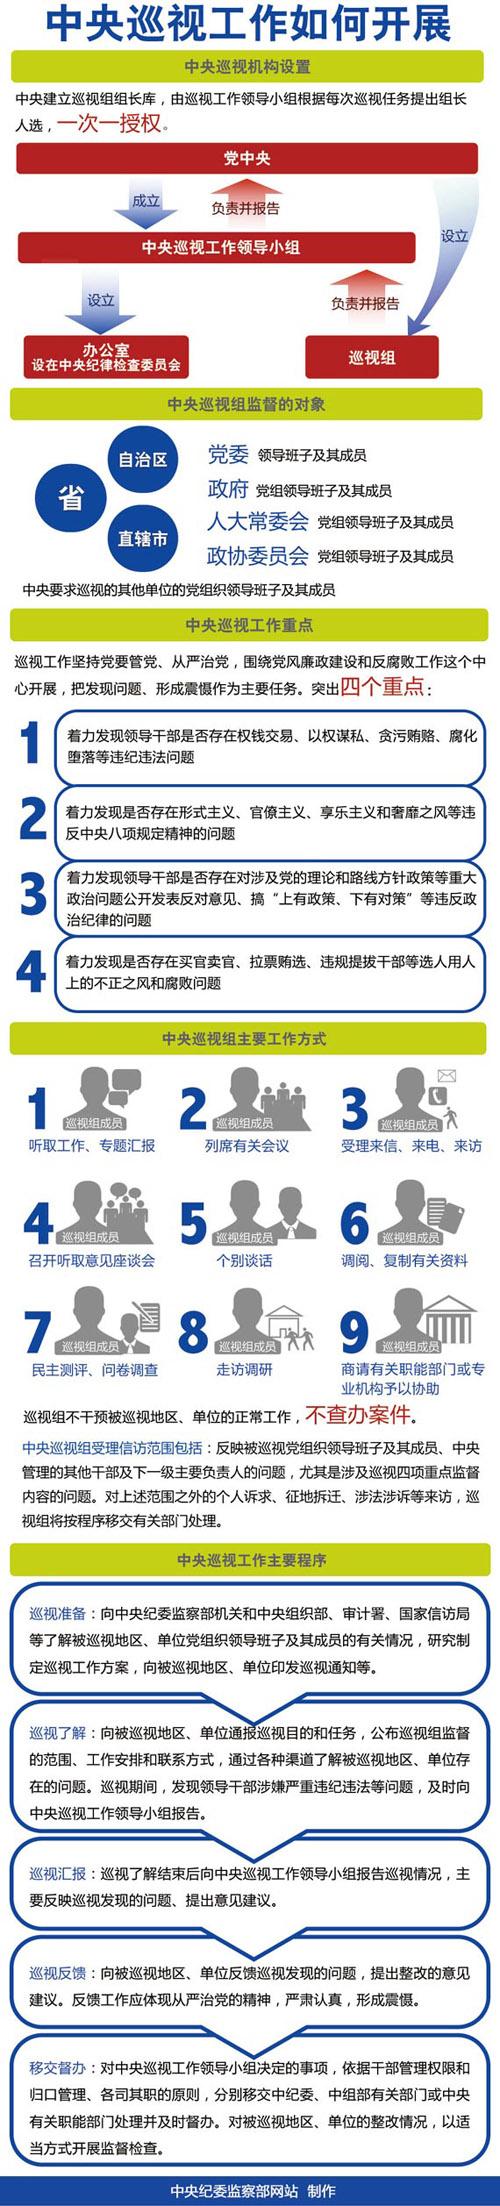 中新网10月28日电据中央纪委监察部网站消息,中央纪委监察部网站推出特别报道:中央巡视工作如何开展。